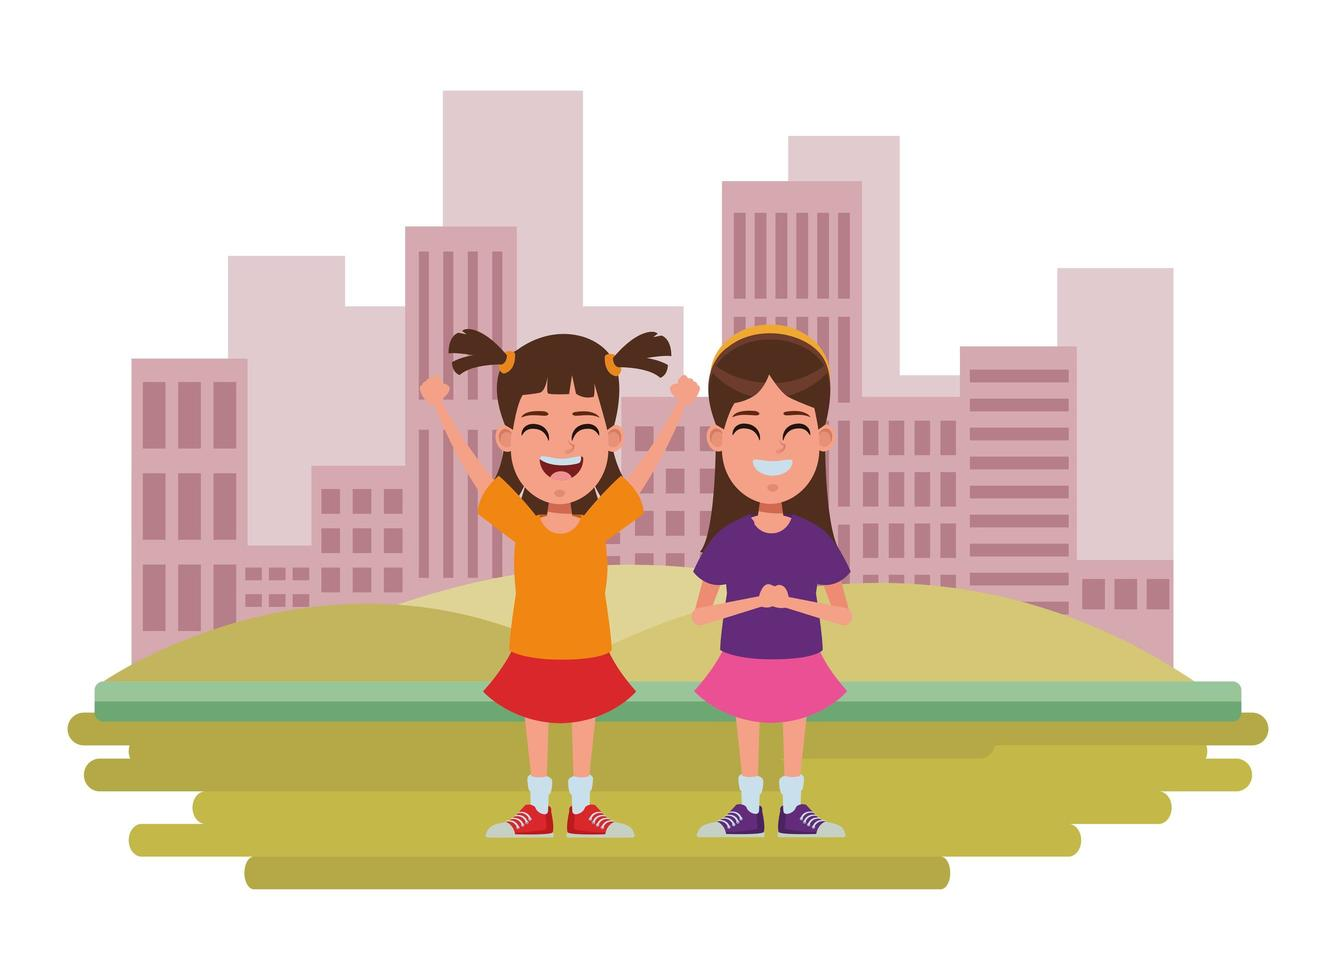 personnages de dessins animés enfants dans la scène de la ville vecteur